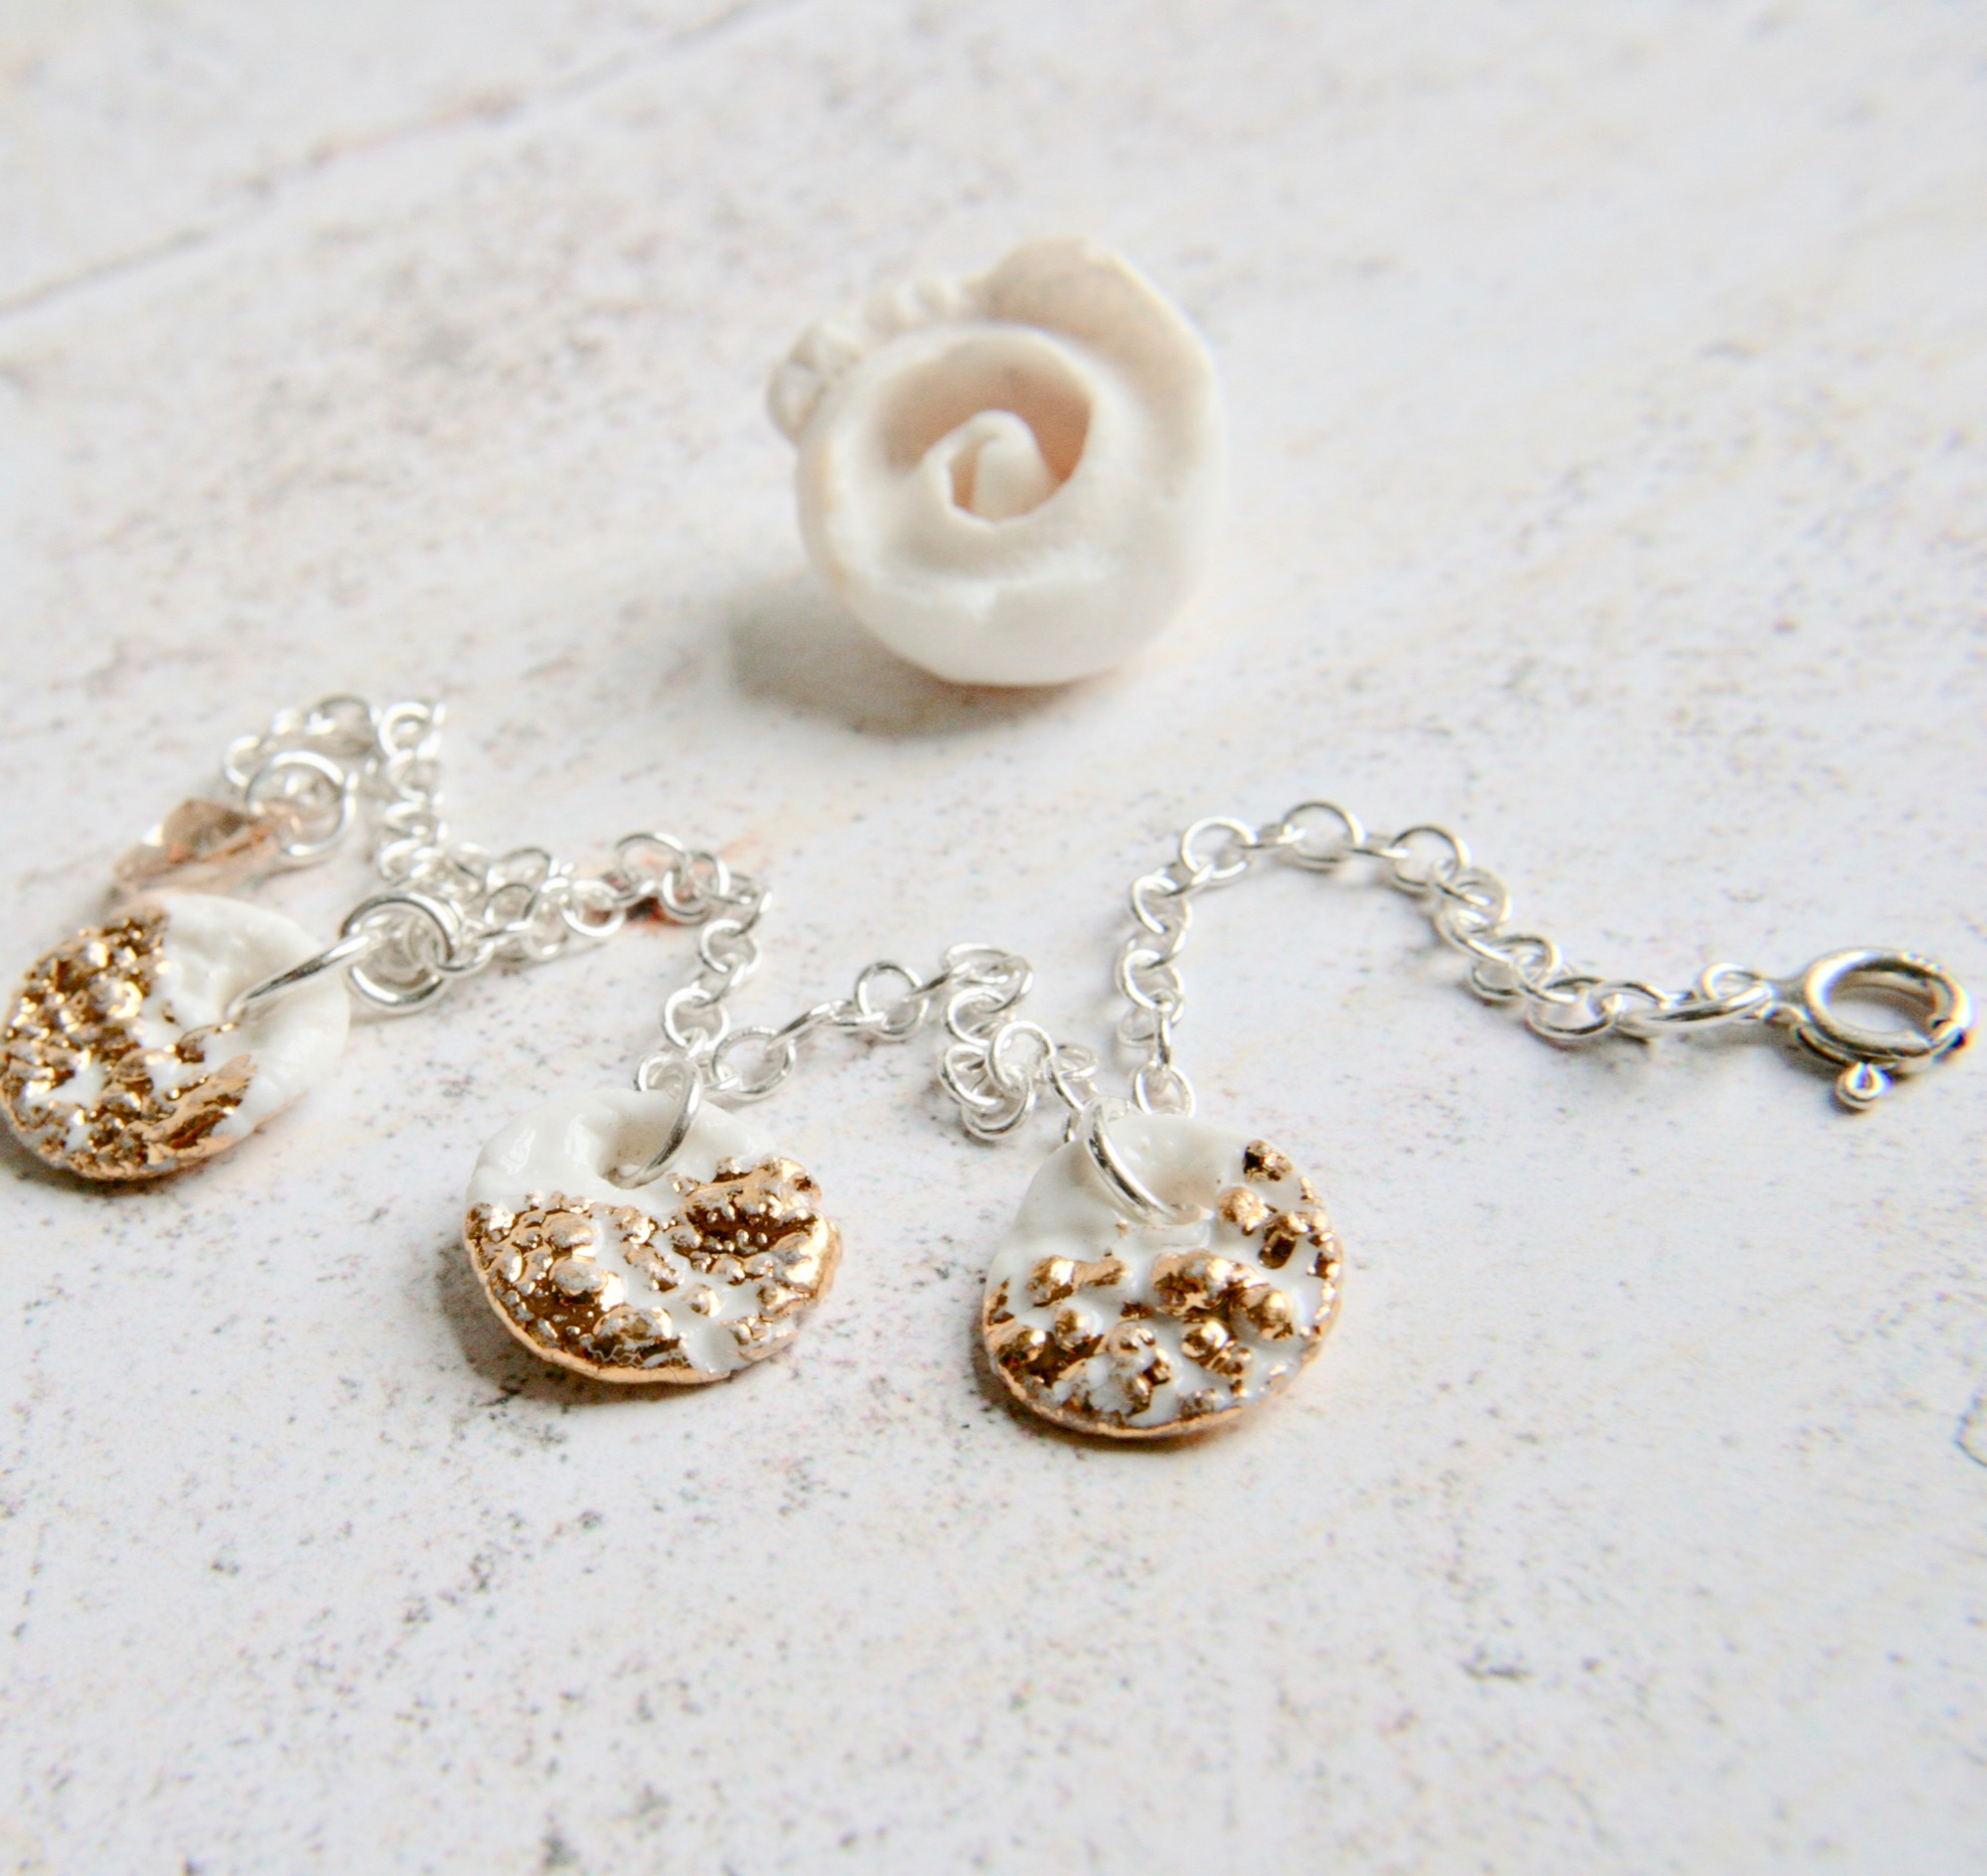 charm bracelets, love bracelets, silver bracelets (3).jpg